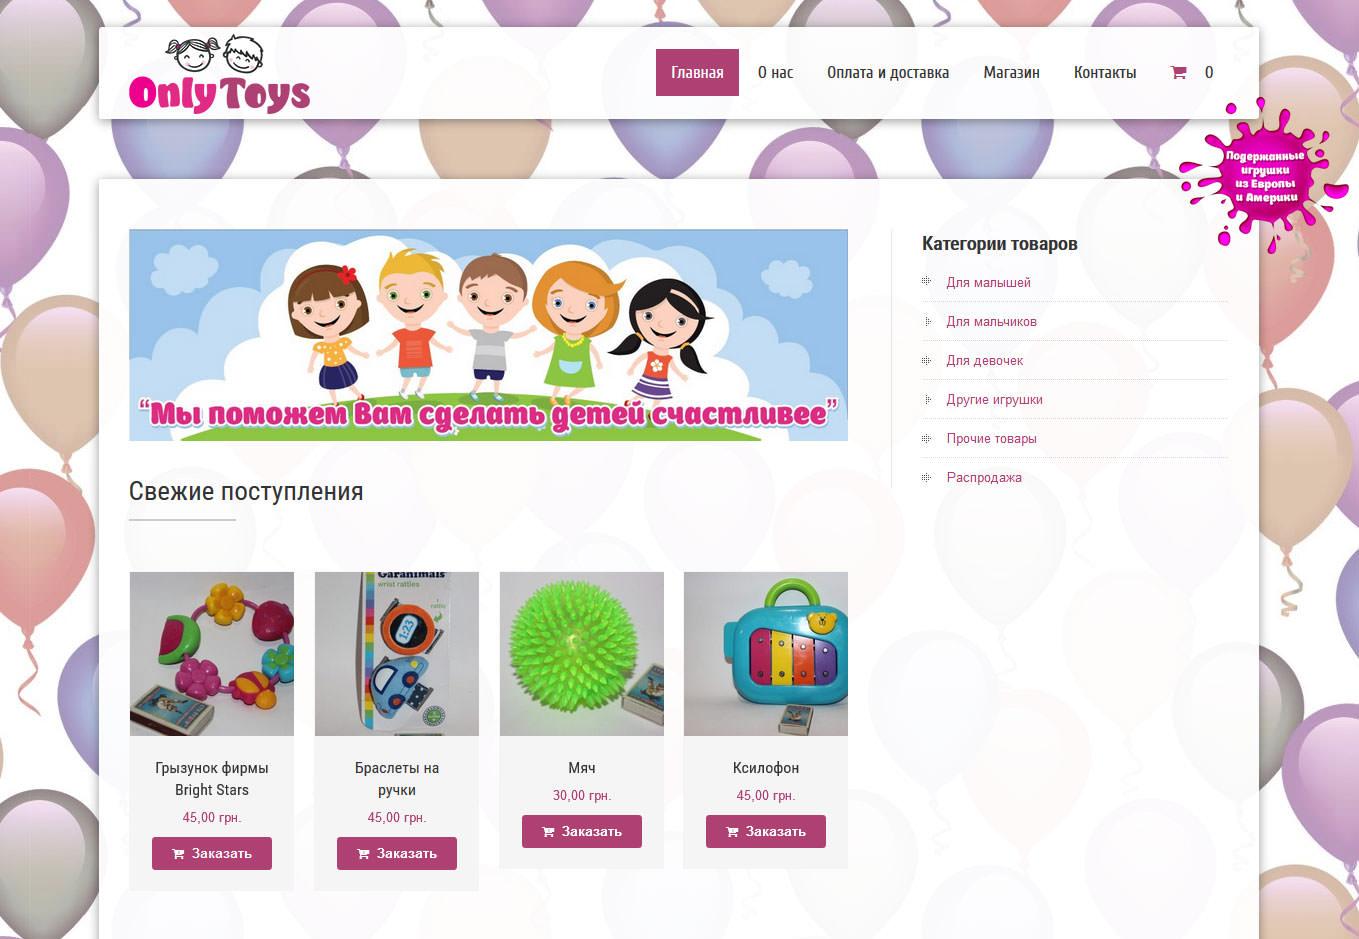 Создание интернет-магазина по продаже игрушек из Европы и США